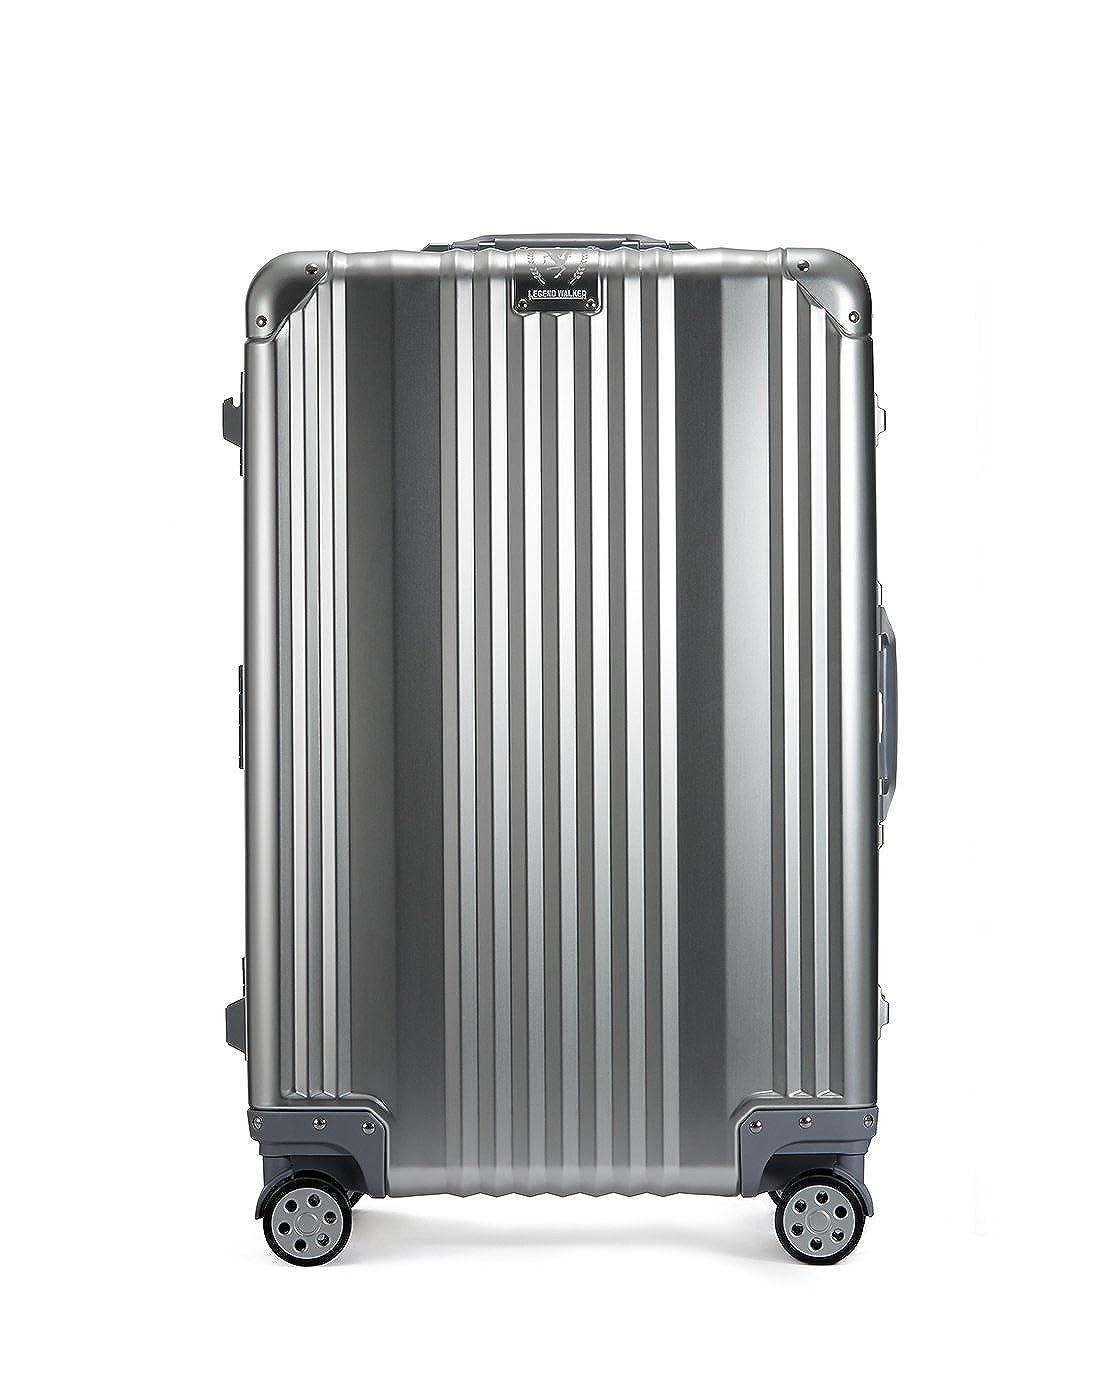 [レジェンドウォーカー] スーツケース 機内持込可 保証付 36L 48cm 4kg 1510-48 B01NBLY4SFシルバー